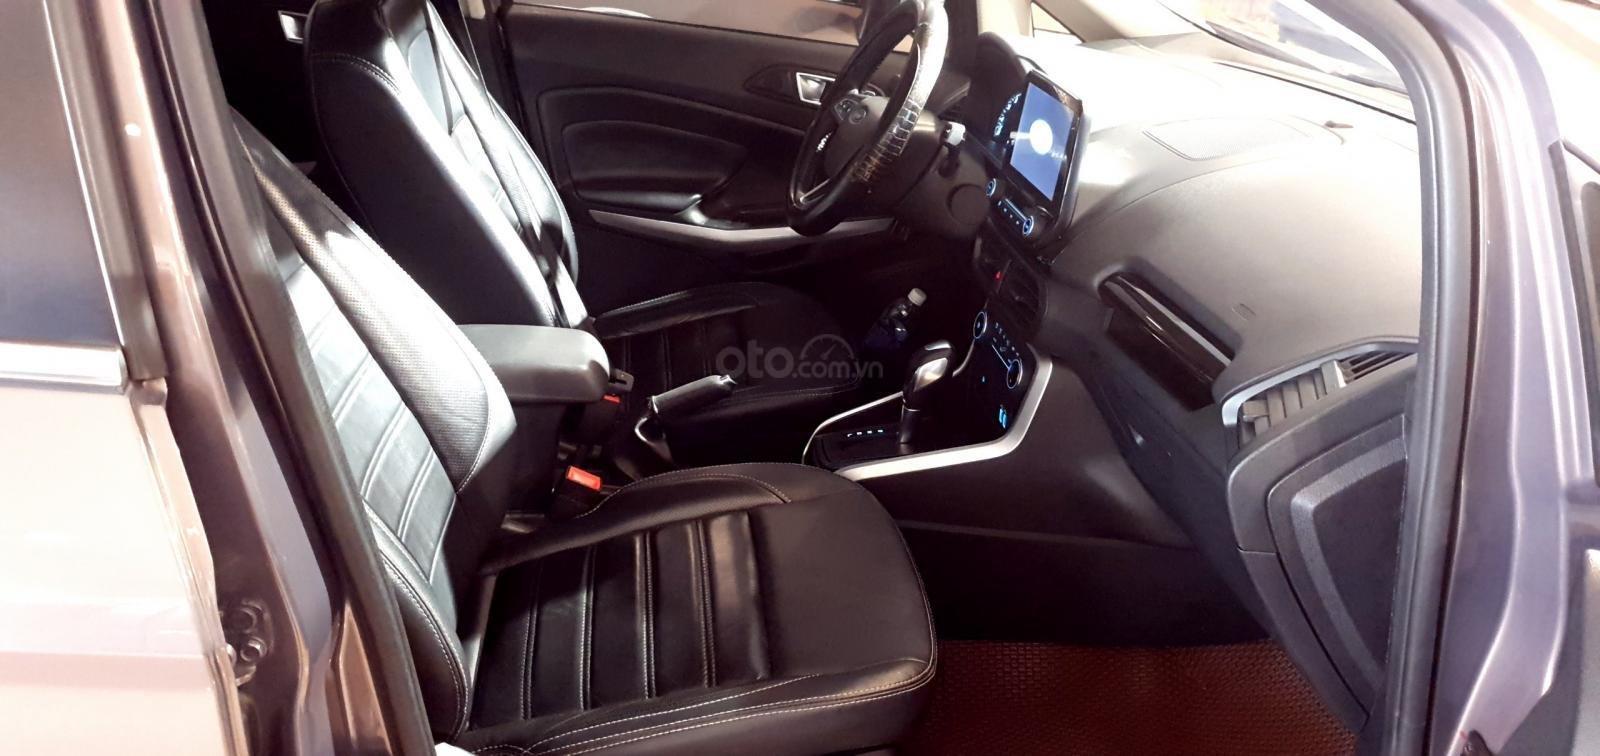 Ford Ecosport Titanium nâu 2018 xe đẹp cần tìm chủ (3)